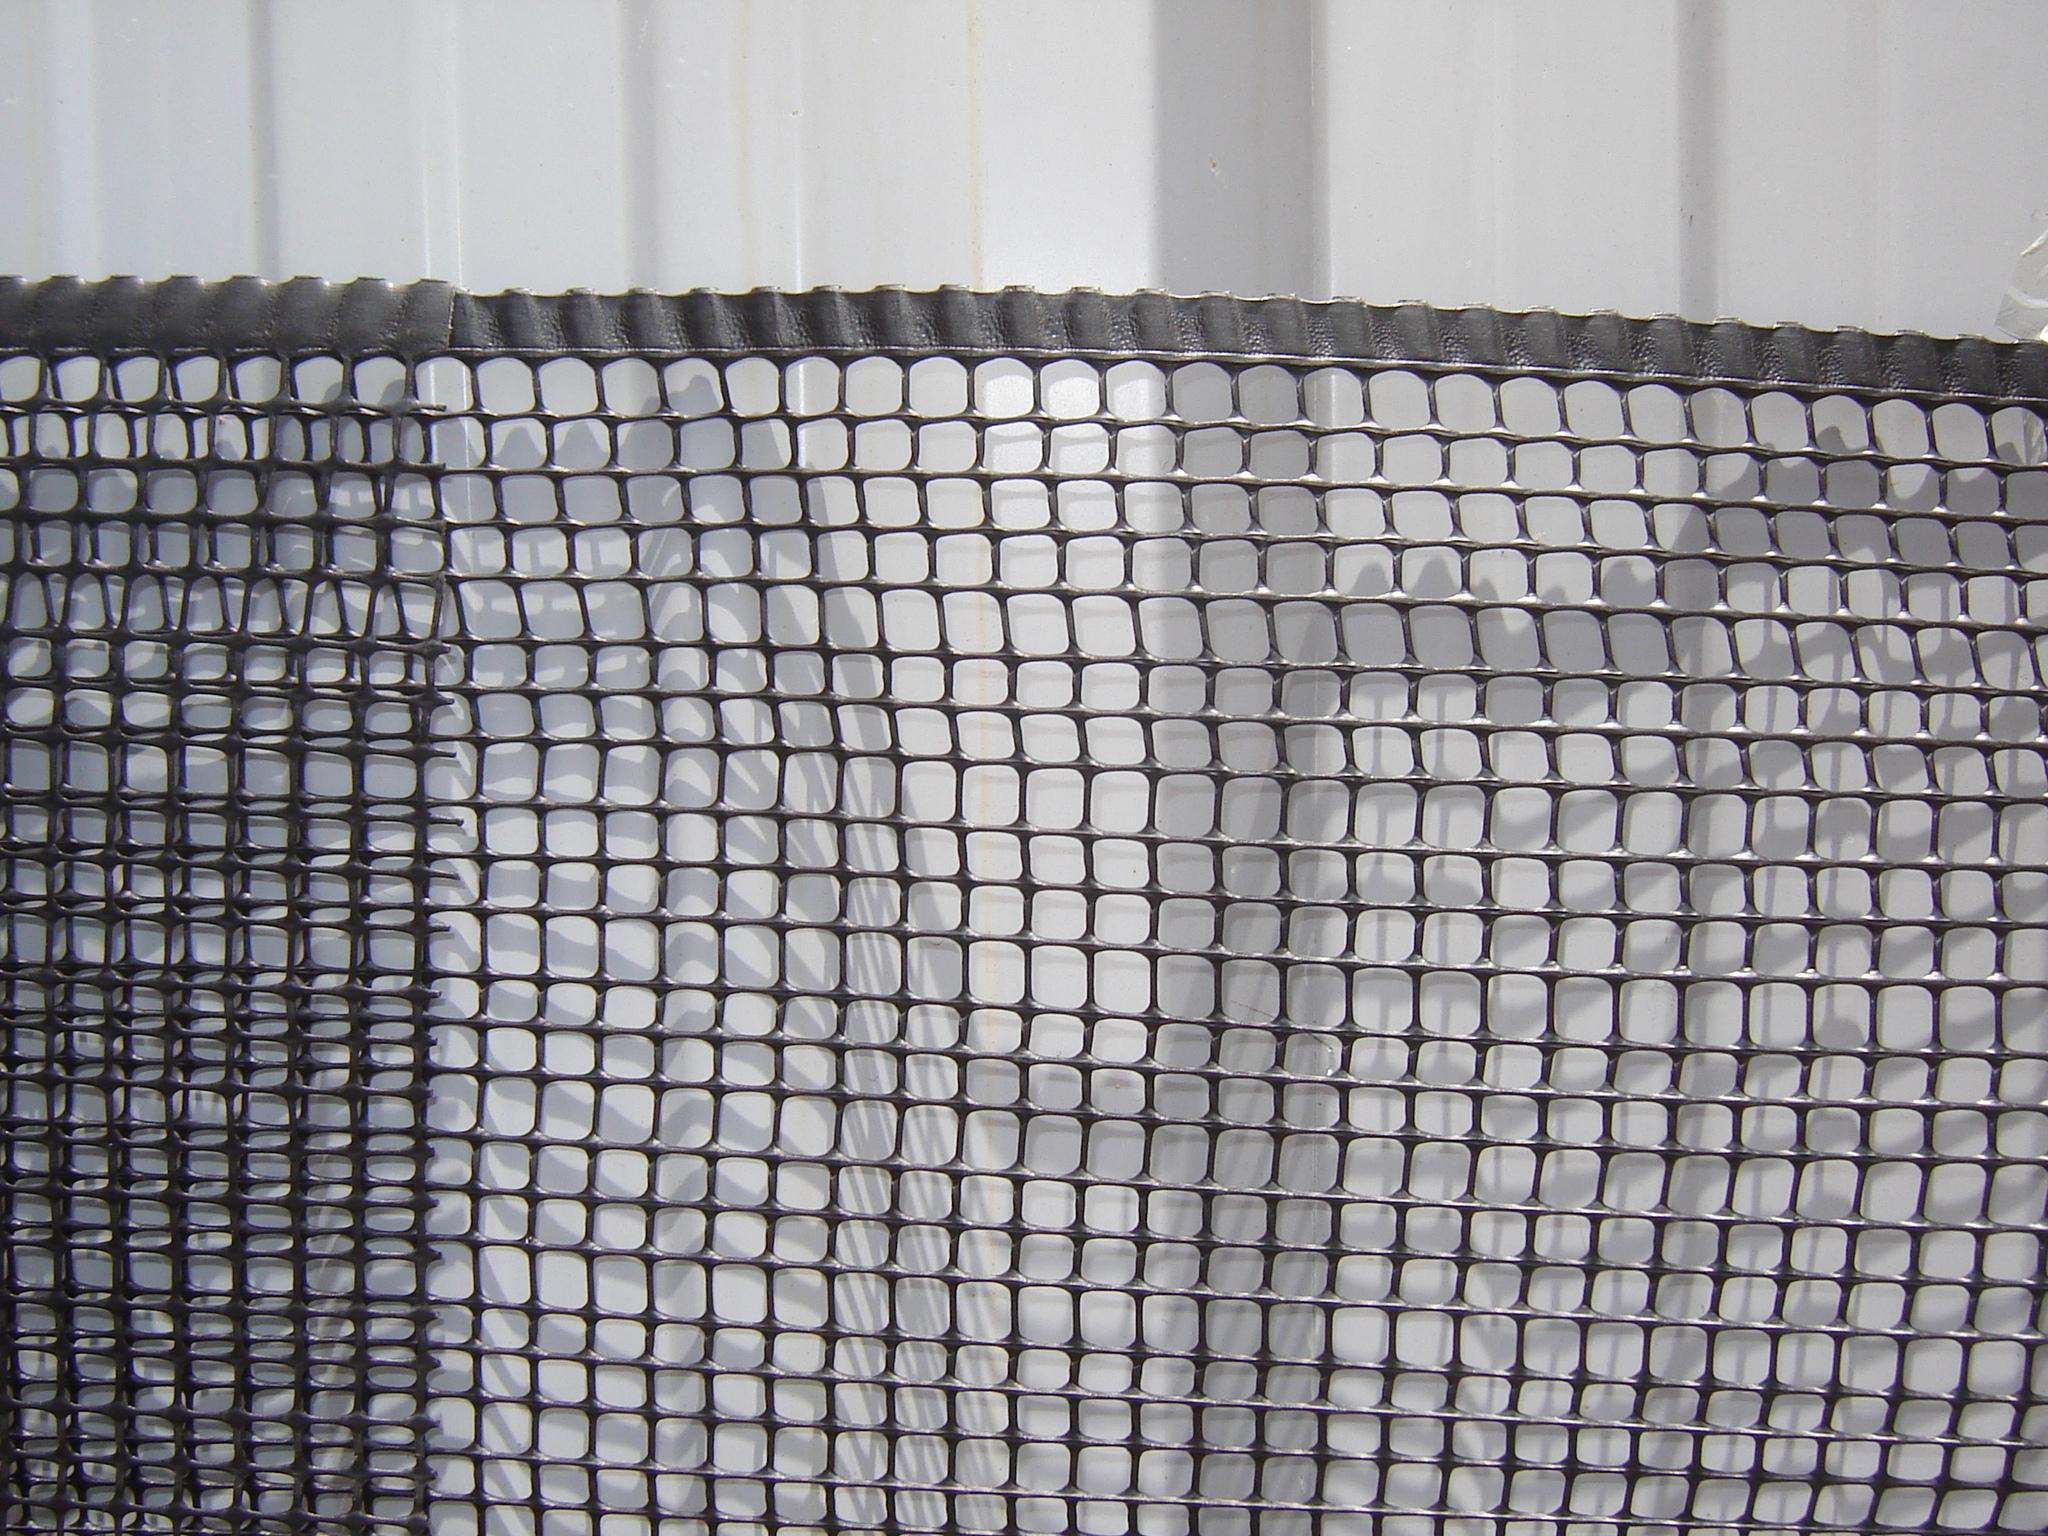 Cerco pl stico qd100 10 detalle cuadrado 10x10 netting s a - Cerramientos de plastico ...